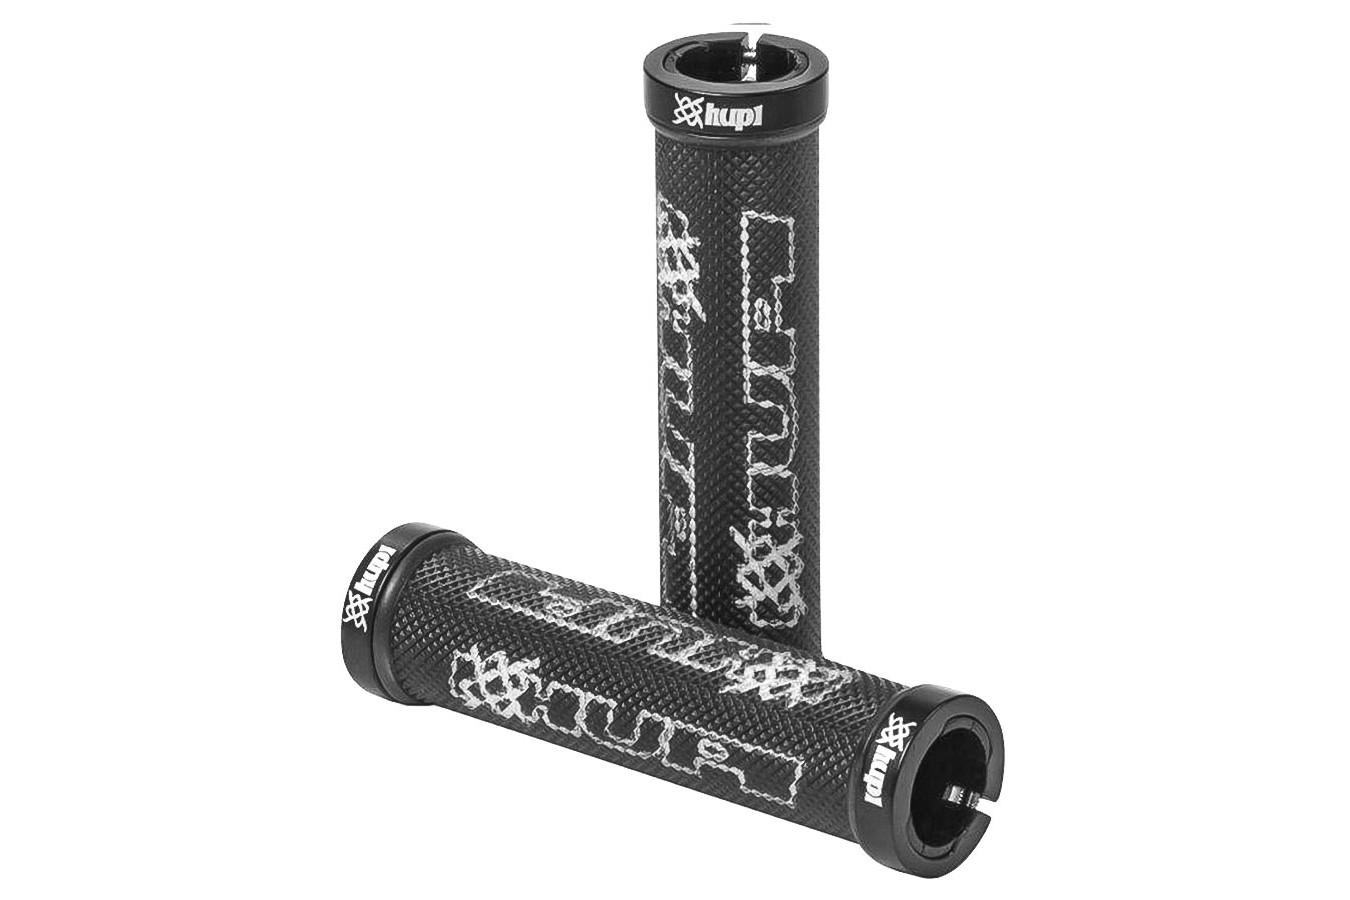 Manopla MTB 130mm com trava Roots - Hupi